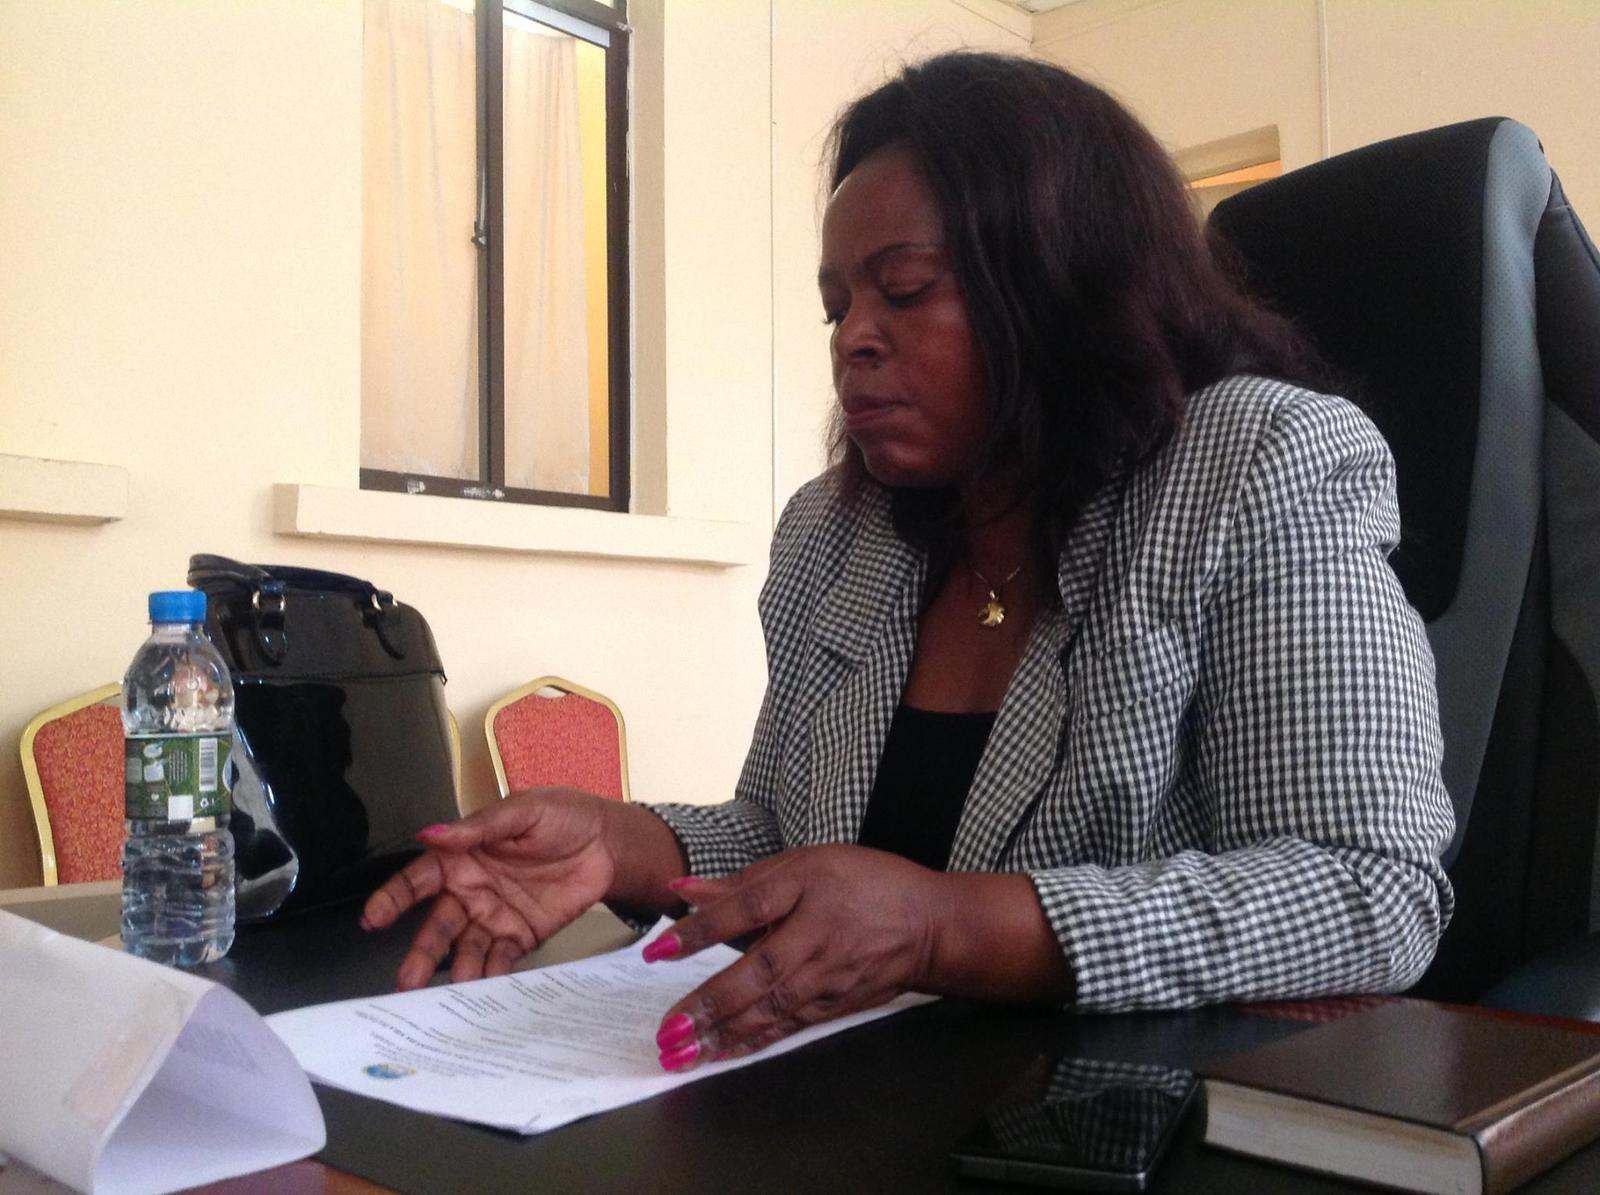 A comitiva foi chefiada por Sua Excia Dra Maria Fernando Cavungo, Administradora Municipal da Damba, ladeado pelo vossa Excia Dr Zacarias Manuel Administrador Municipal Adjunto e com todos membros da Administração Municipal.